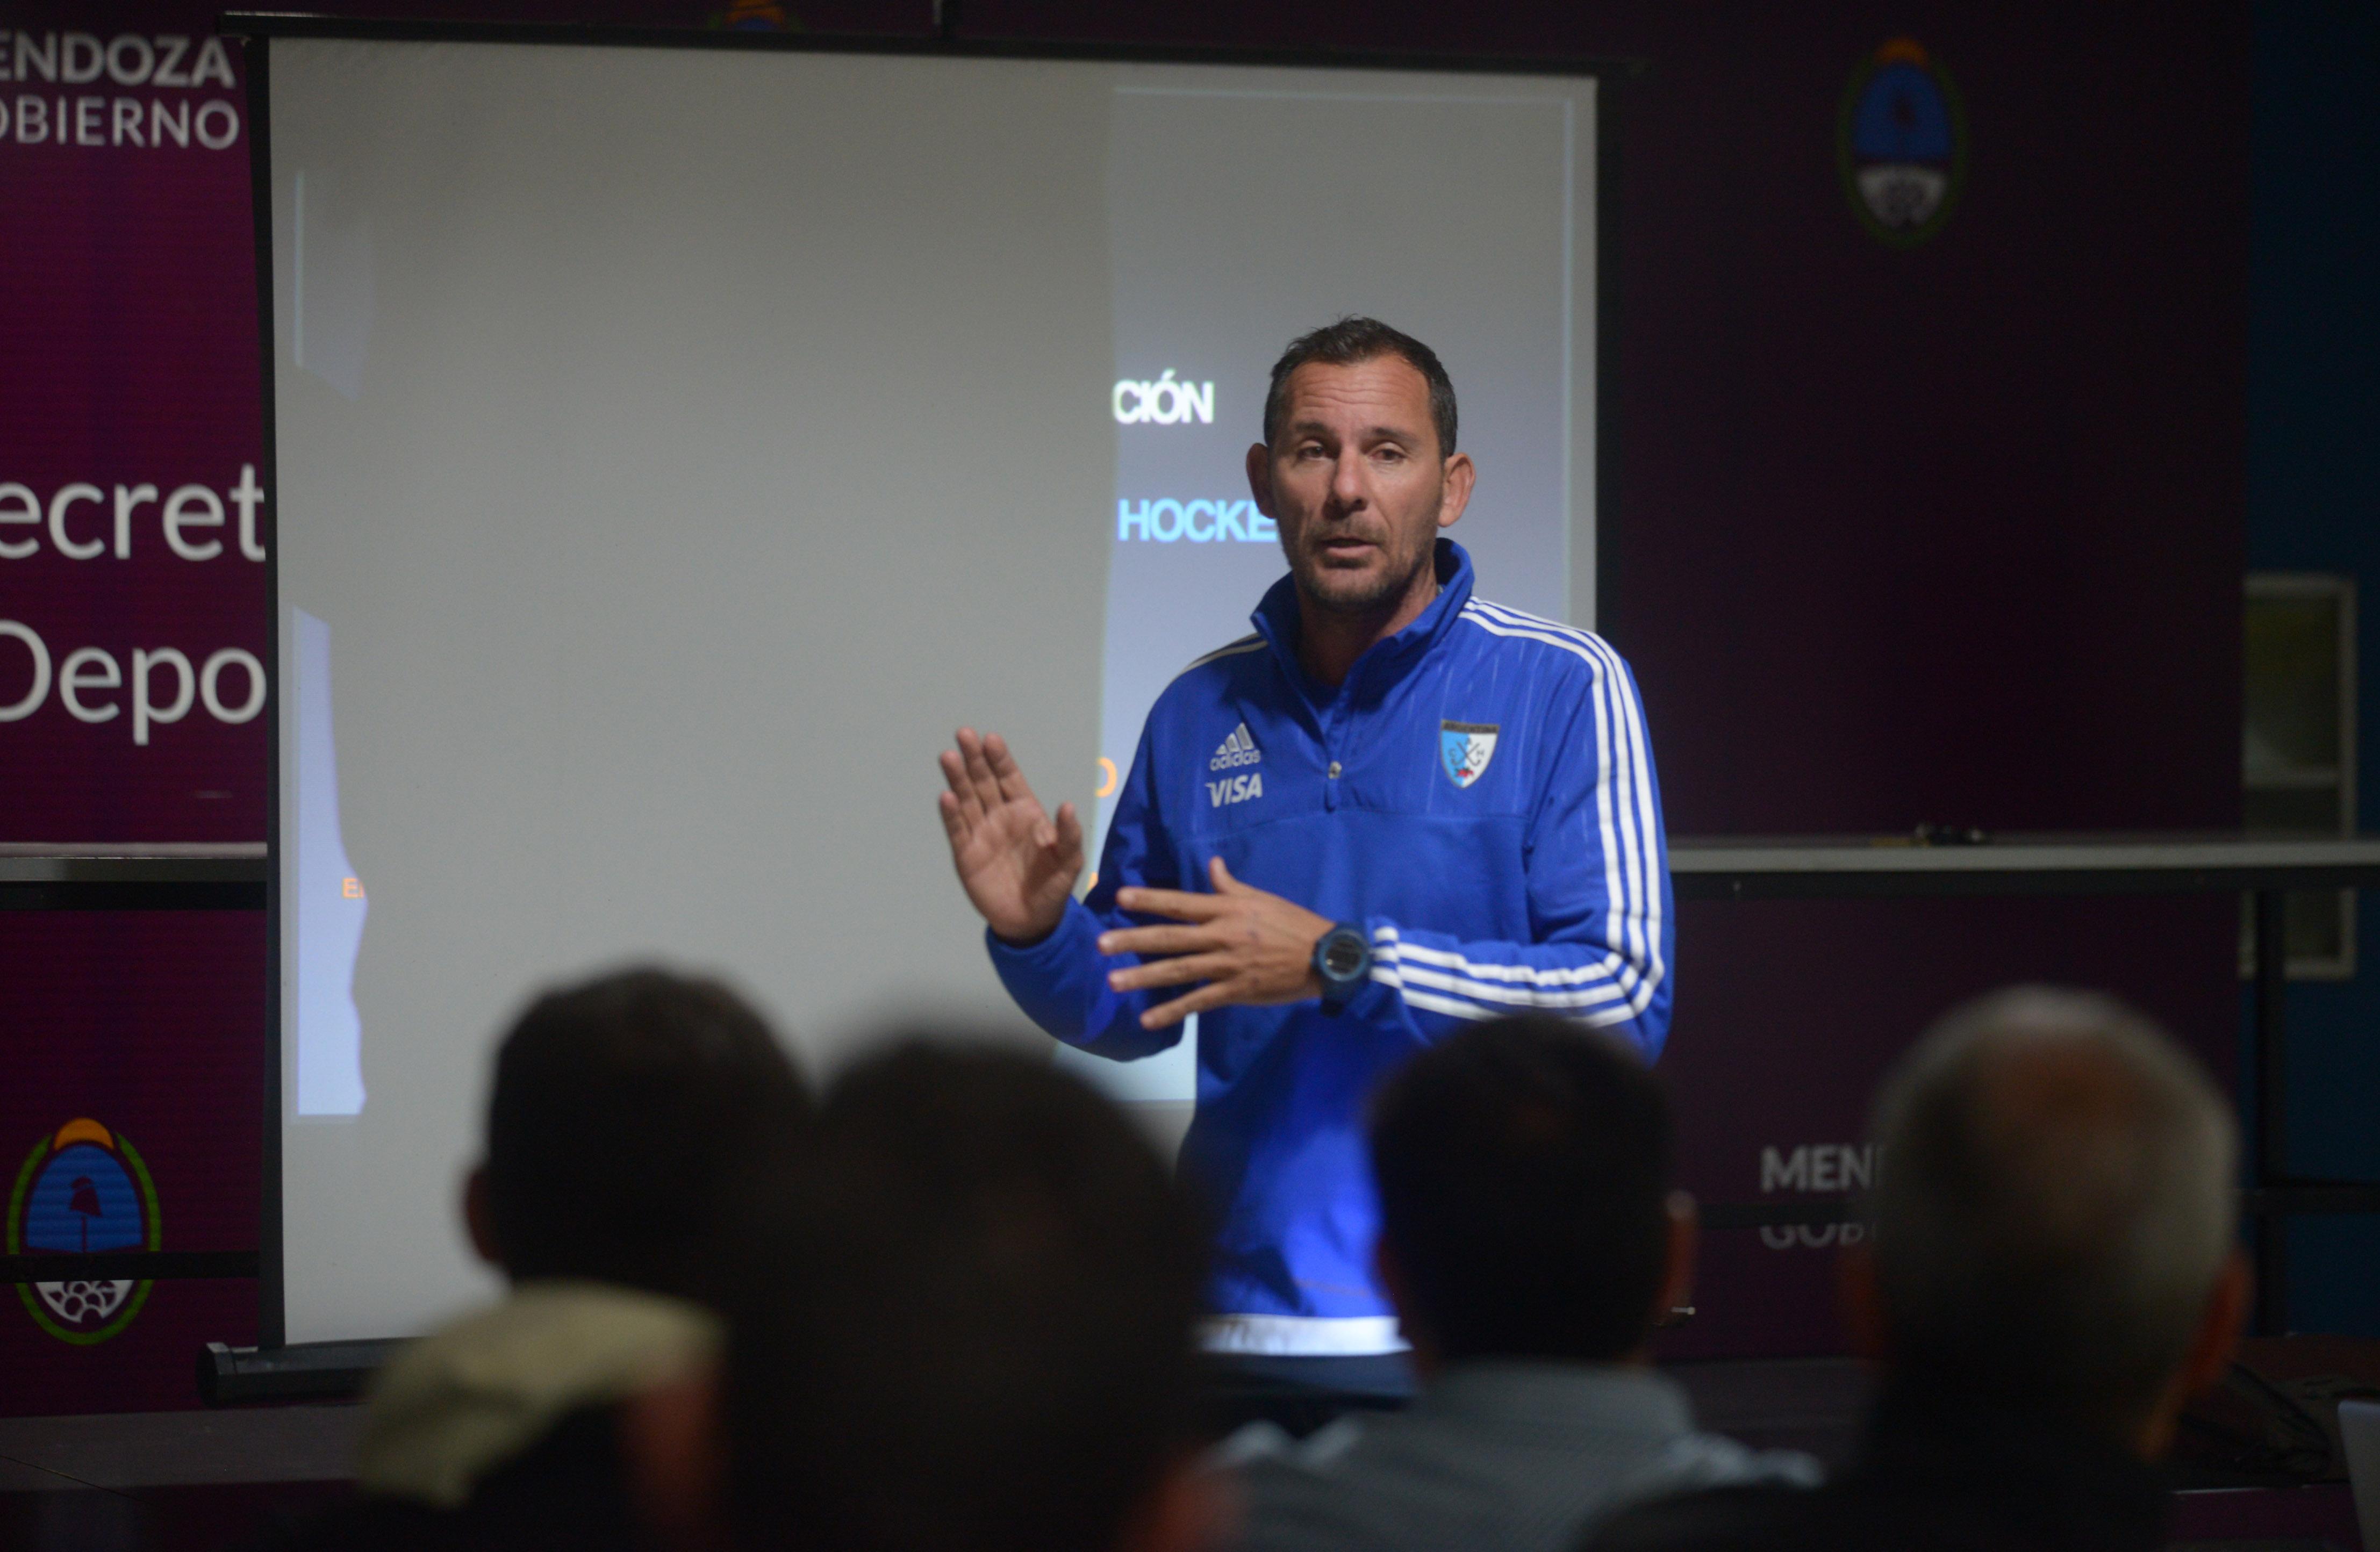 Corradini y Conna, los nuevos entrenadores de Las Leonas